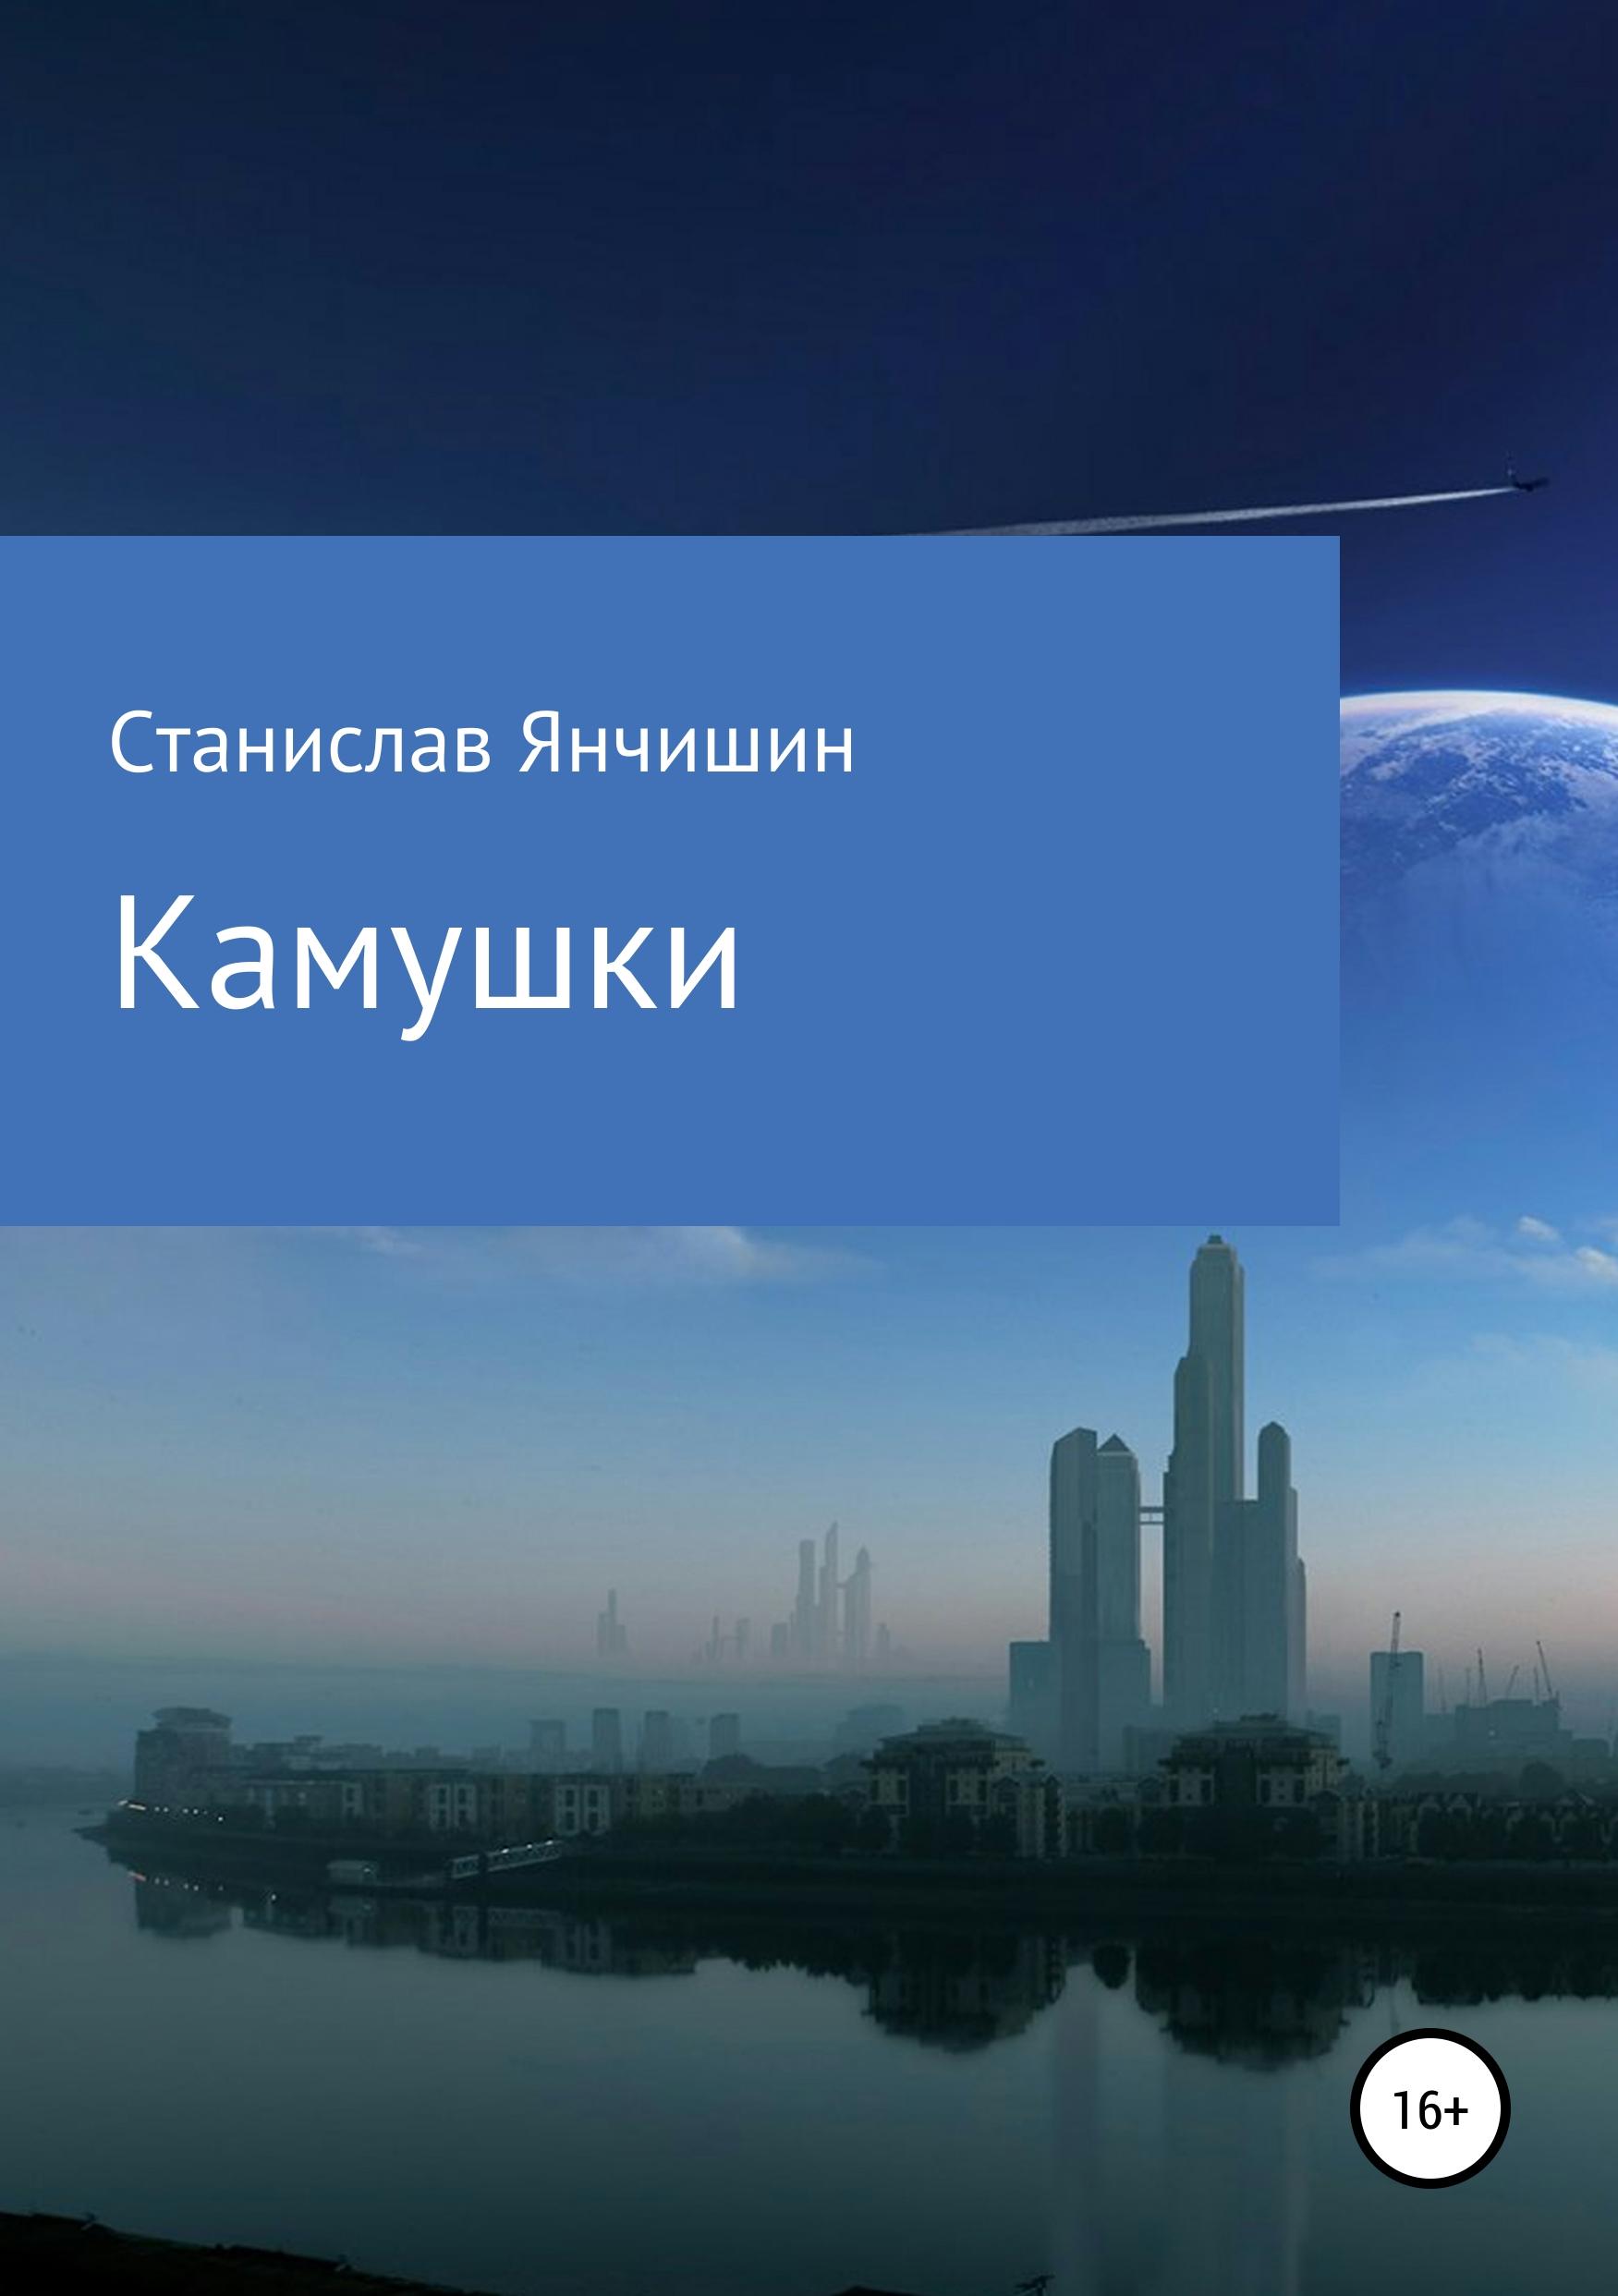 Купить книгу Камушки, автора Станислава Анатольевича Янчишина